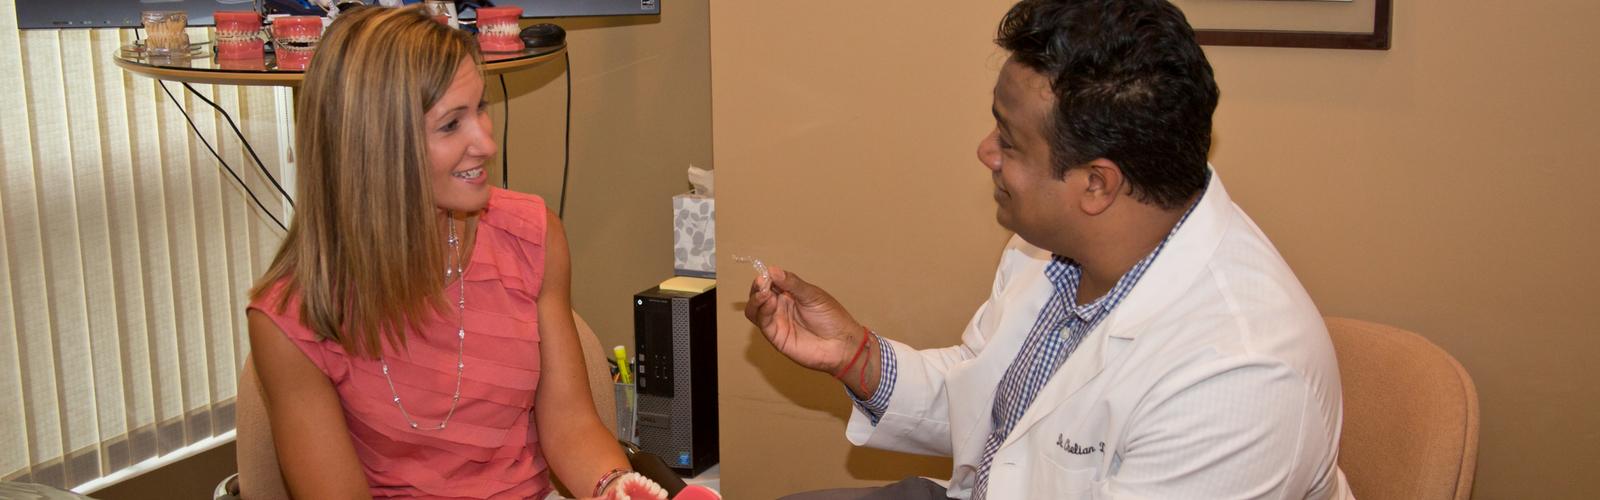 Dr. Chelian Orthodontics